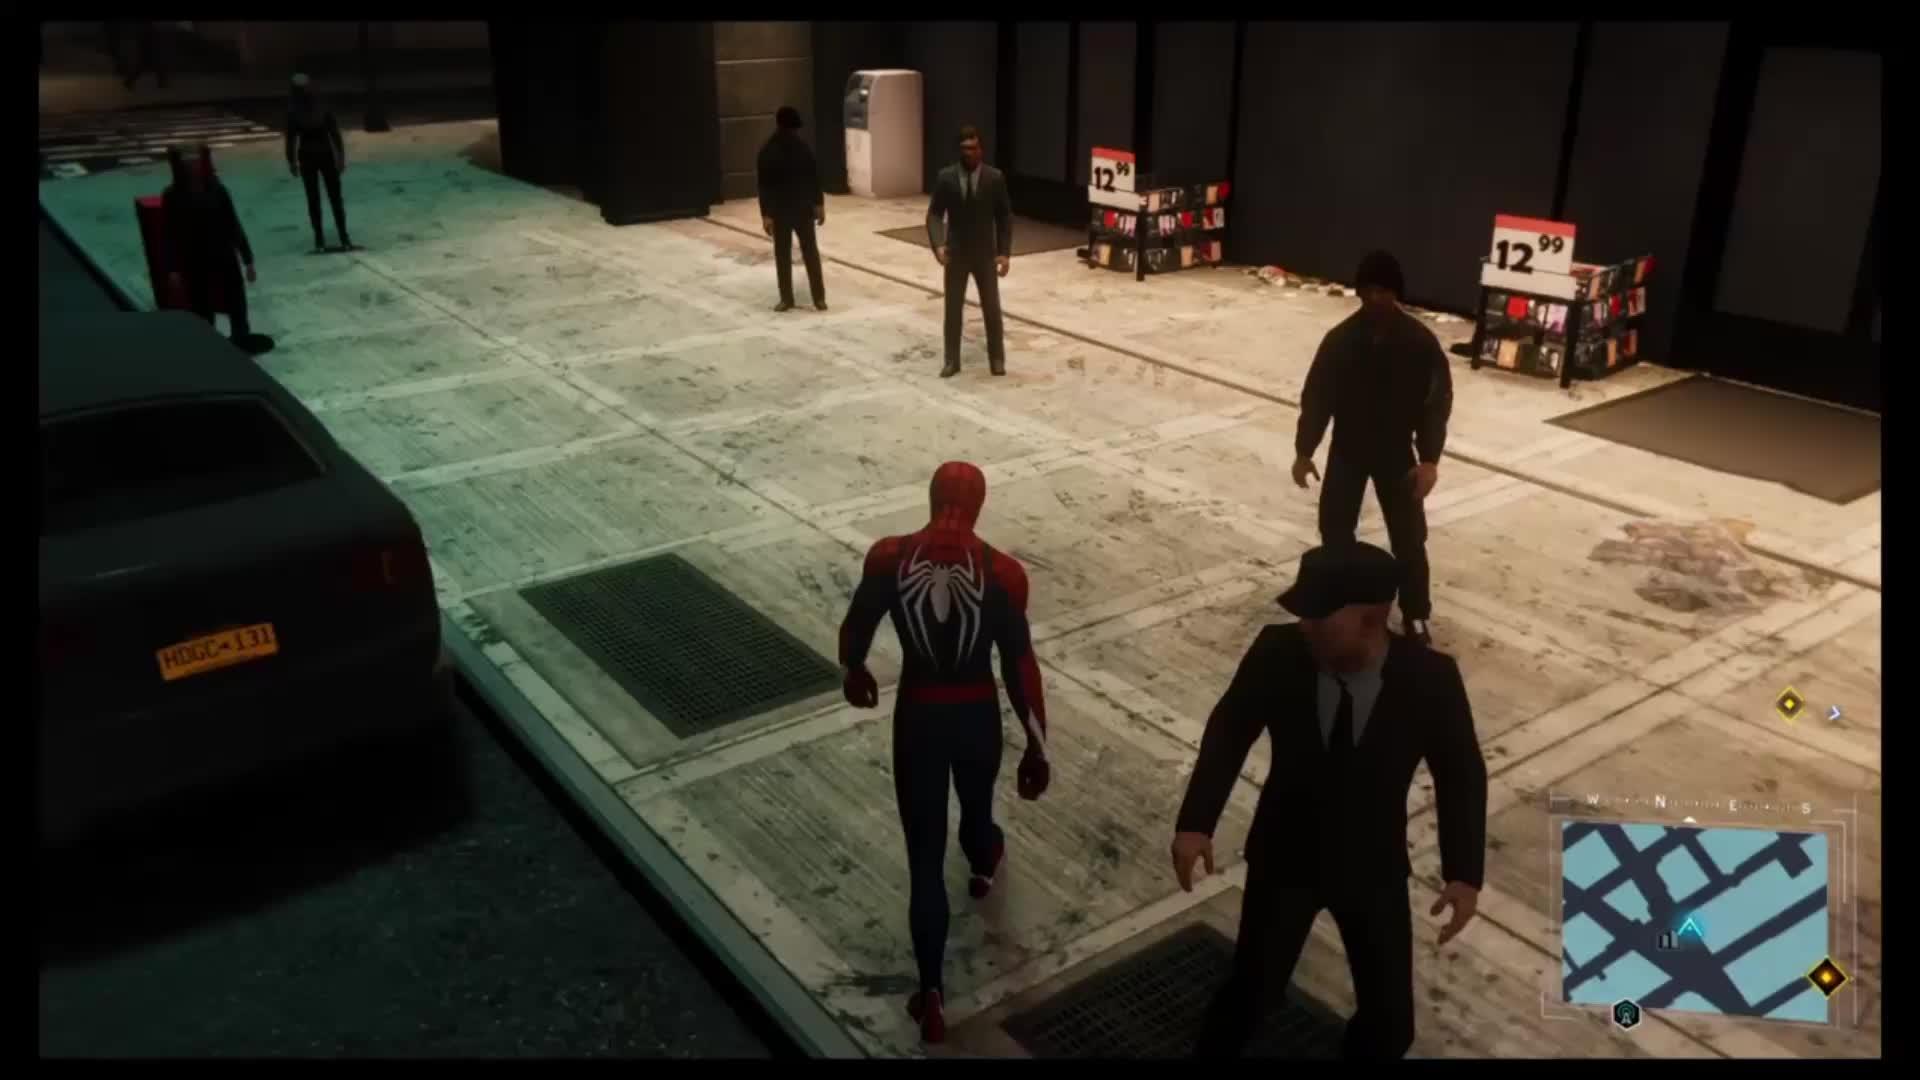 Spider-Man vs. GTA GIFs